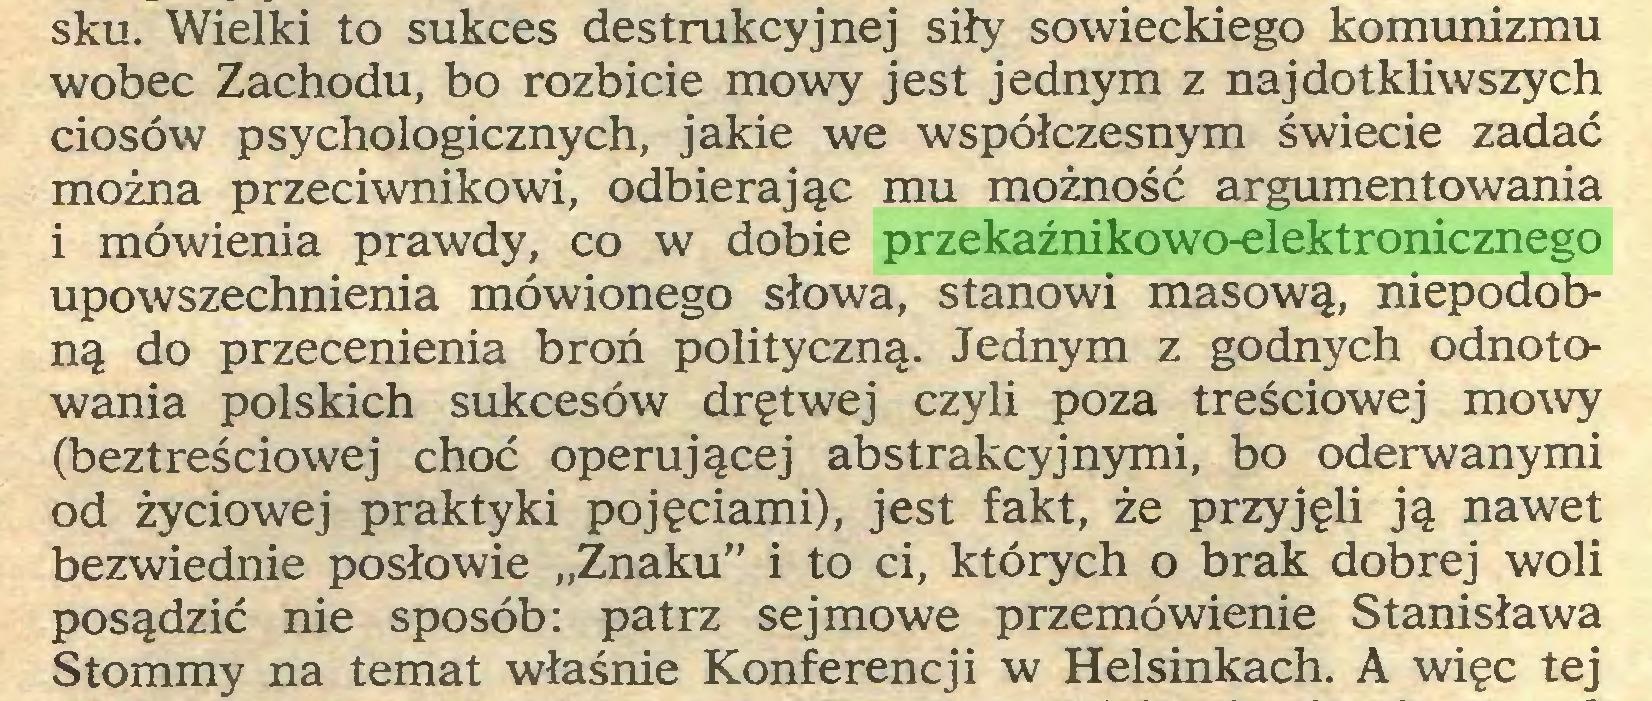 """(...) sku. Wielki to sukces destrukcyjnej siły sowieckiego komunizmu wobec Zachodu, bo rozbicie mowy jest jednym z najdotkliwszych ciosów psychologicznych, jakie we współczesnym świecie zadać można przeciwnikowi, odbierając mu możność argumentowania 1 mówienia prawdy, co w dobie przekaźnikowo-elektronicznego upowszechnienia mówionego słowa, stanowi masową, niepodobną do przecenienia broń polityczną. Jednym z godnych odnotowania polskich sukcesów drętwej czyli poza treściowej mowy (beztreściowej choć operującej abstrakcyjnymi, bo oderwanymi od życiowej praktyki pojęciami), jest fakt, że przyjęli ją nawet bezwiednie posłowie """"Znaku"""" i to ci, których o brak dobrej woli posądzić nie sposób: patrz sejmowe przemówienie Stanisława Stommy na temat właśnie Konferencji w Helsinkach. A więc tej..."""